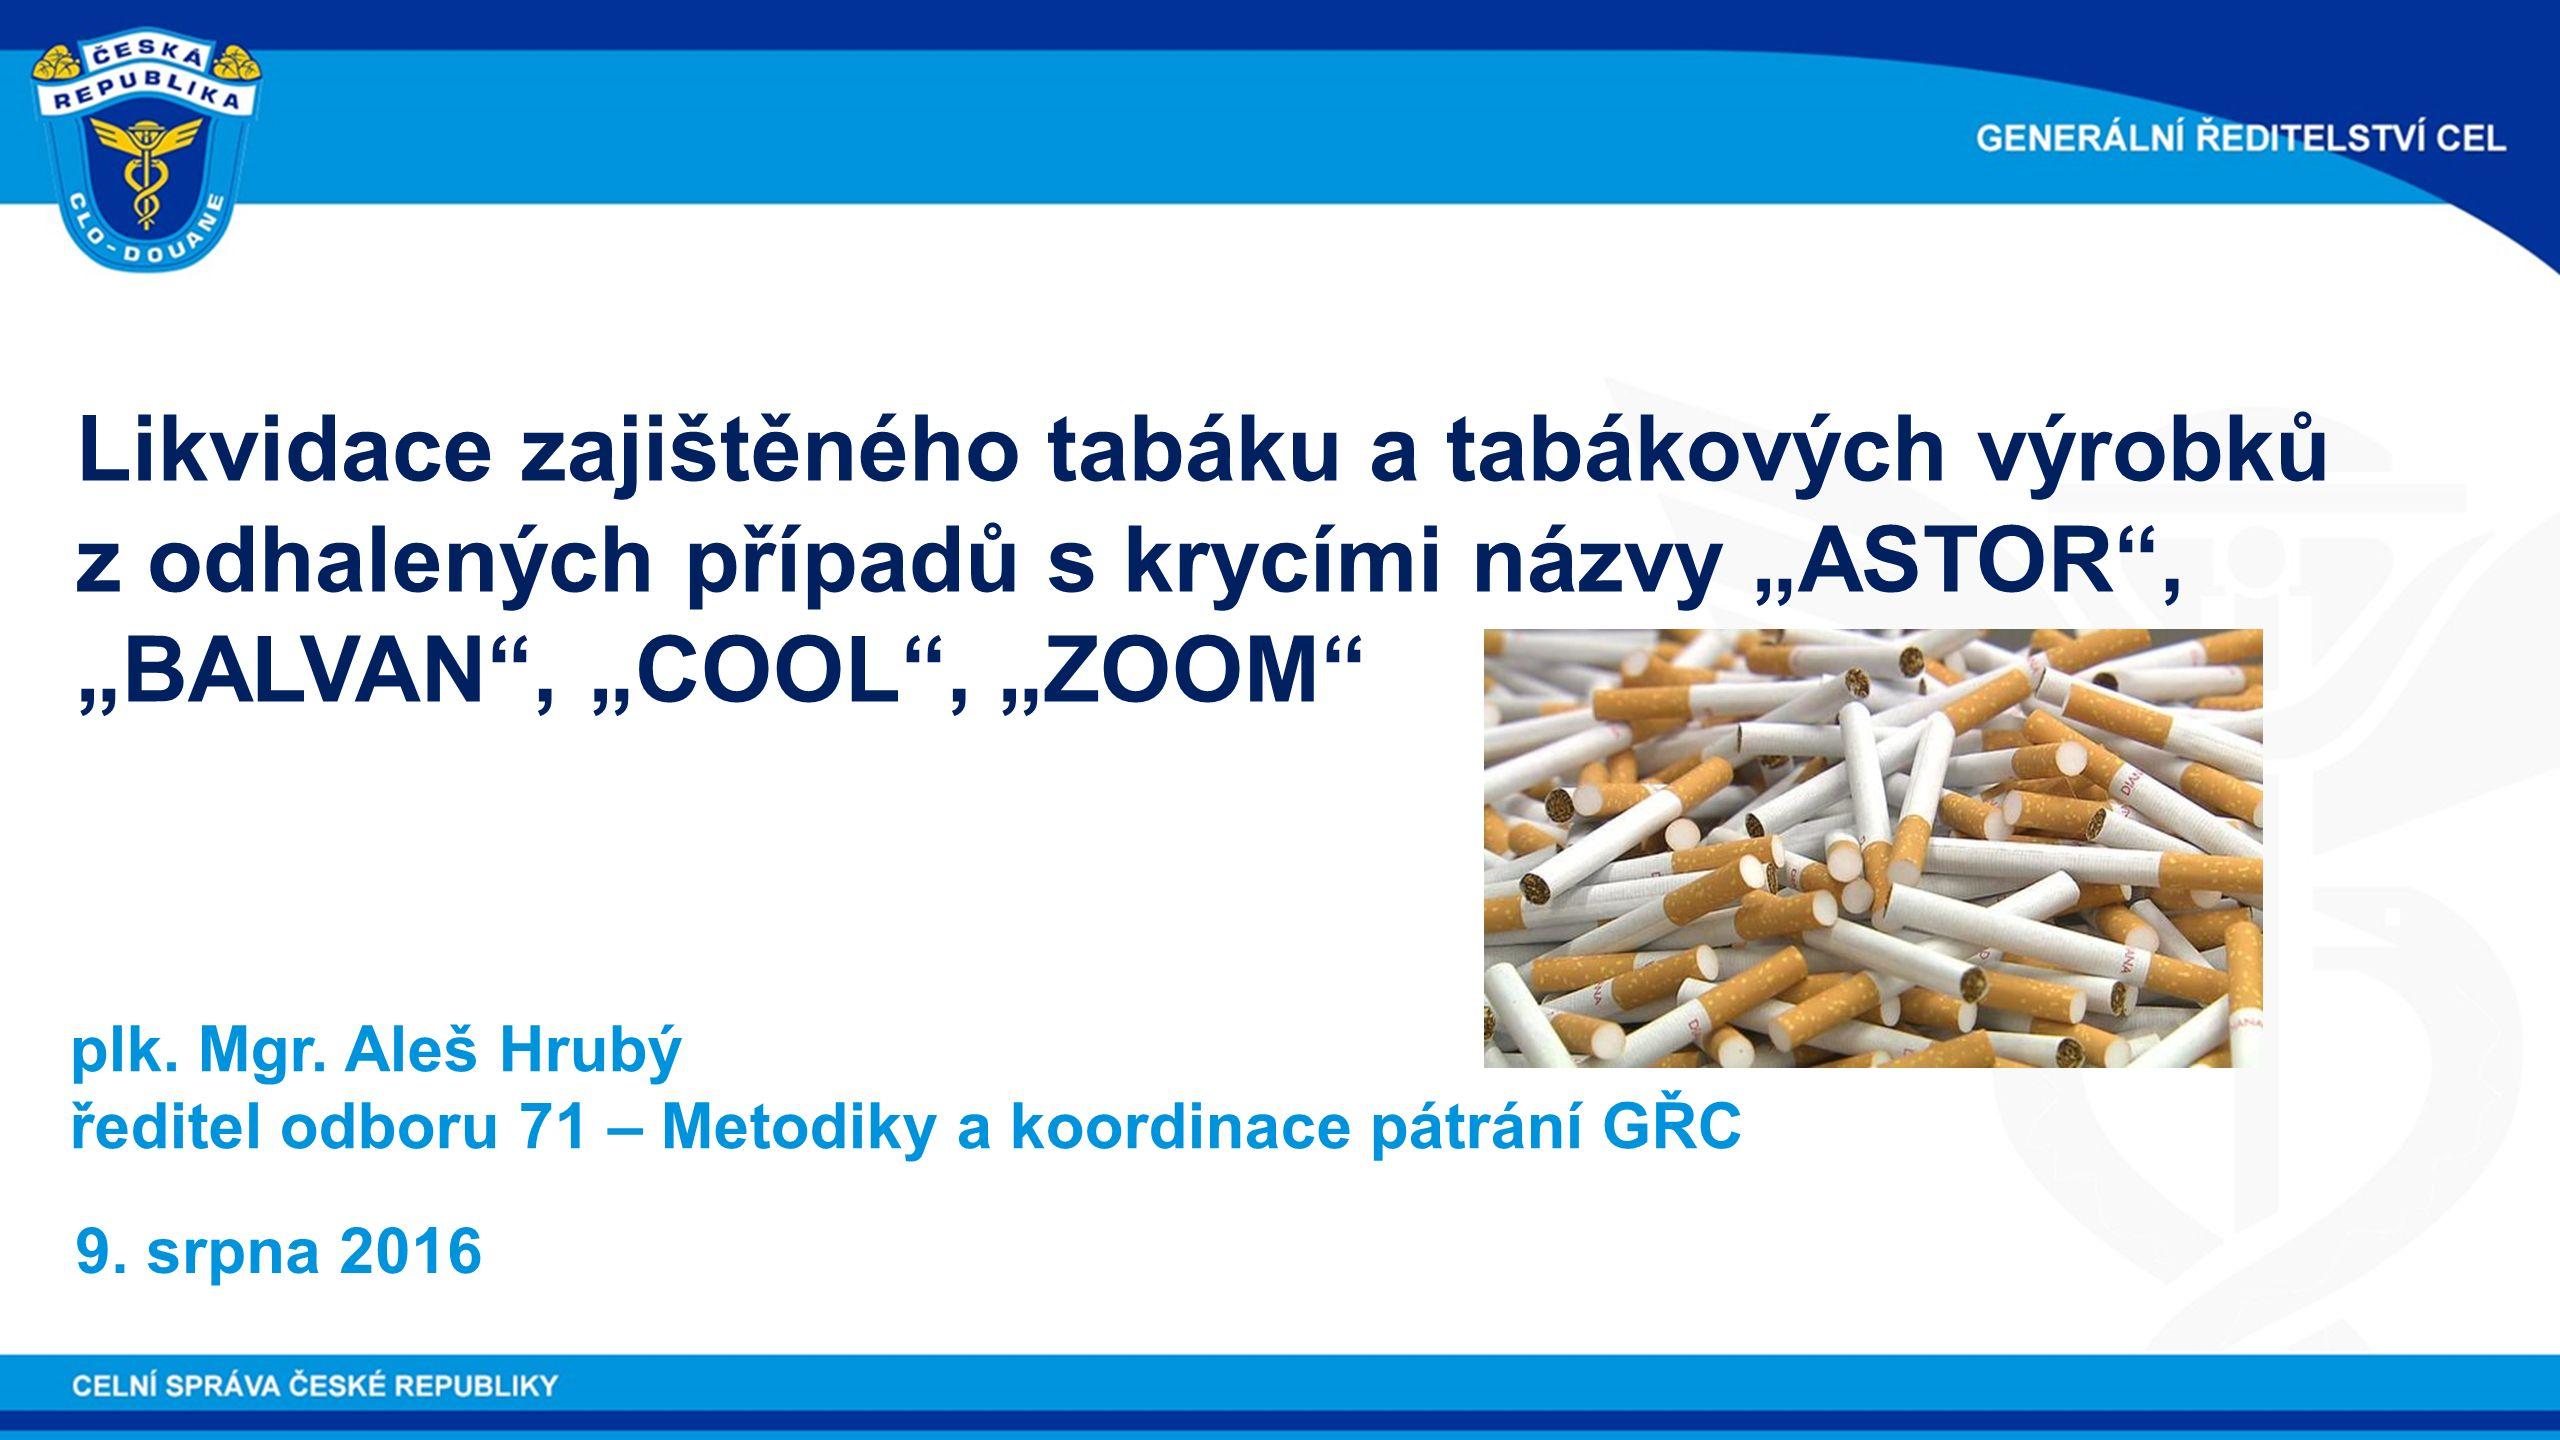 """Likvidace zajištěného tabáku a tabákových výrobků z odhalených případů s krycími názvy """"ASTOR , """"BALVAN , """"COOL , """"ZOOM plk."""